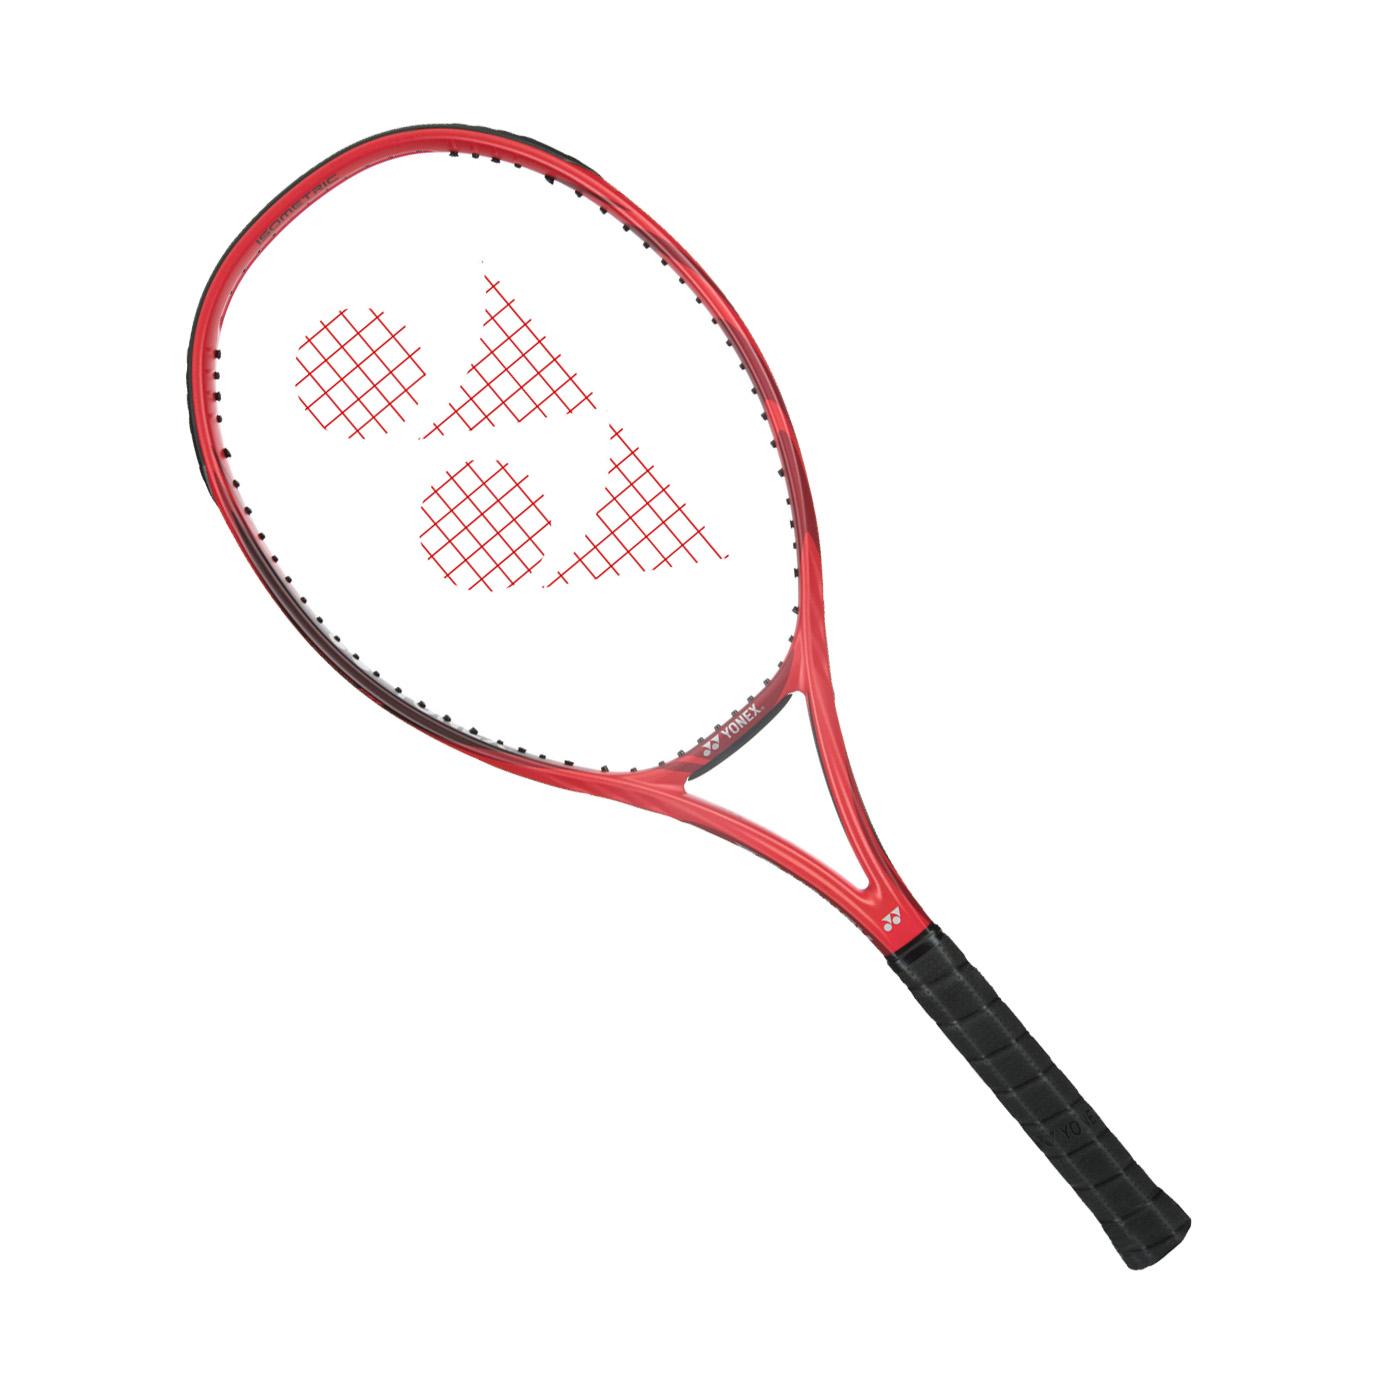 5a5942b0a Raquete de Tênis Yonex VCORE 100 - Empório do Tenista